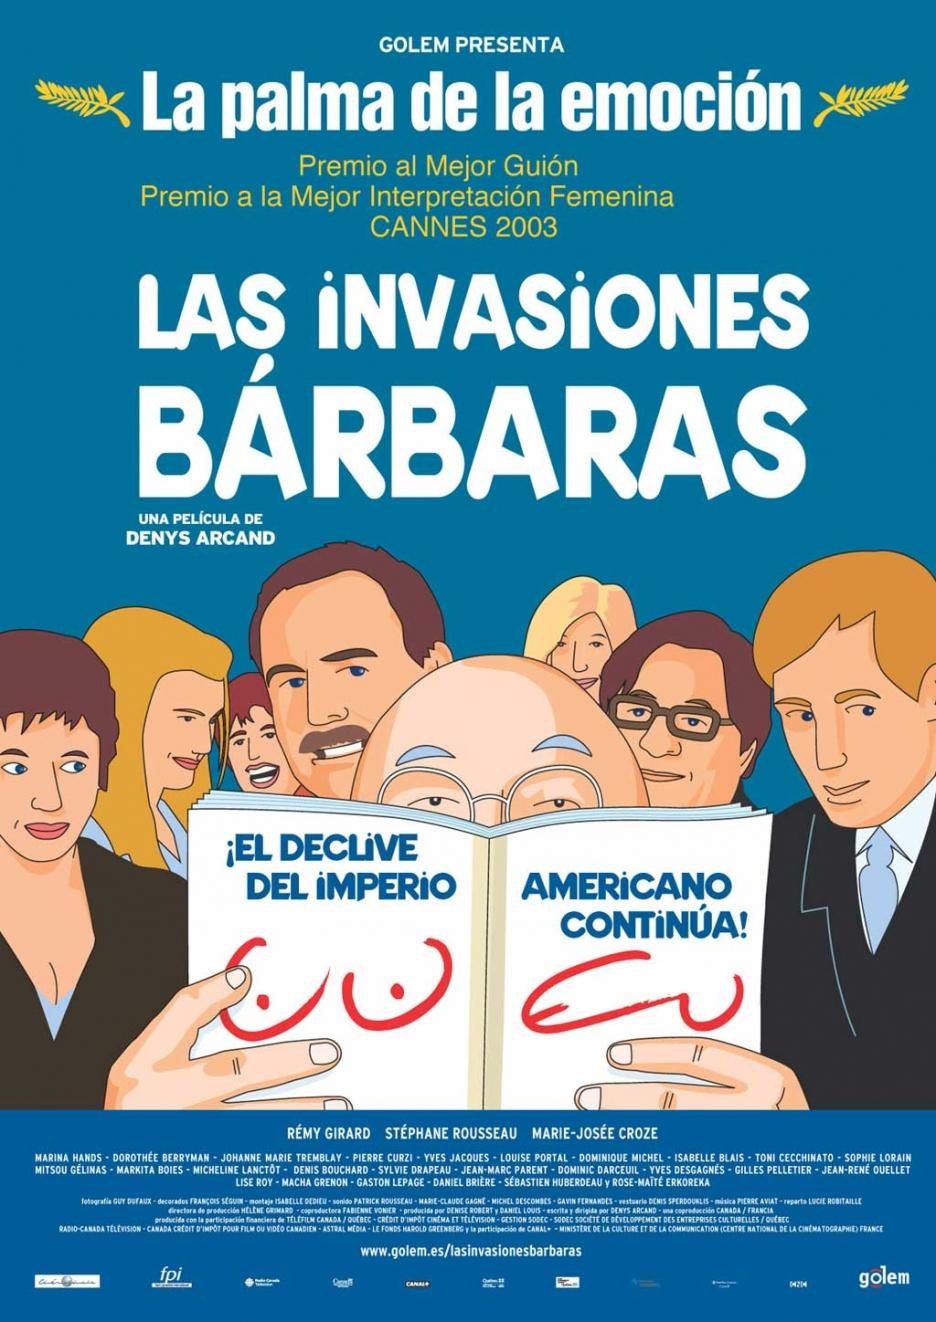 http://3.bp.blogspot.com/-j4XIWa2Jg6k/TbRNUDAOAII/AAAAAAAAAJM/xRSgCjdZVhA/s1600/936full-the-barbarian-invasions-poster.jpg